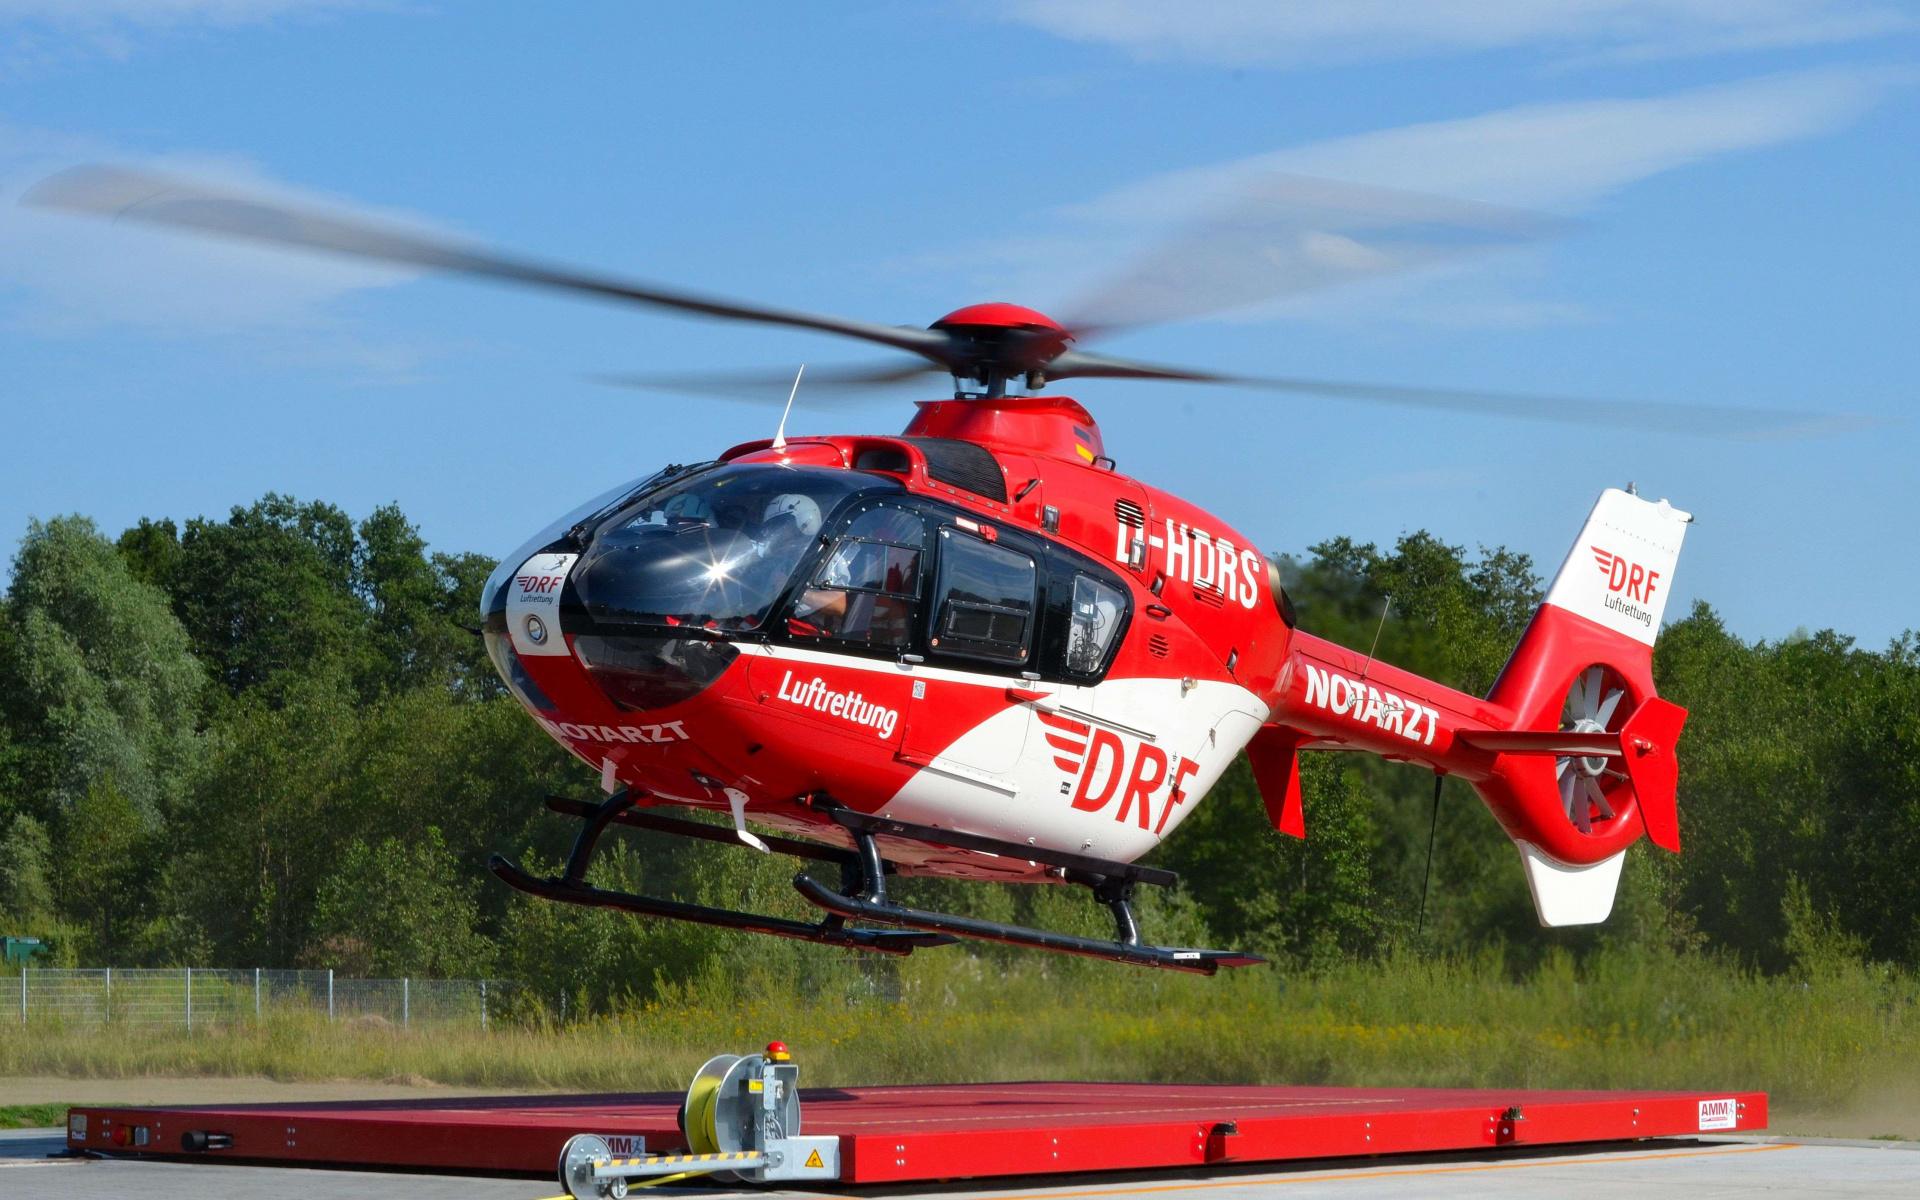 Die Akademie der DRF Luftrettung gibt ihr umfassendes Wissen aus den Bereichen Medizin, Flugbetrieb und Technik in Kursen und Seminaren weiter.